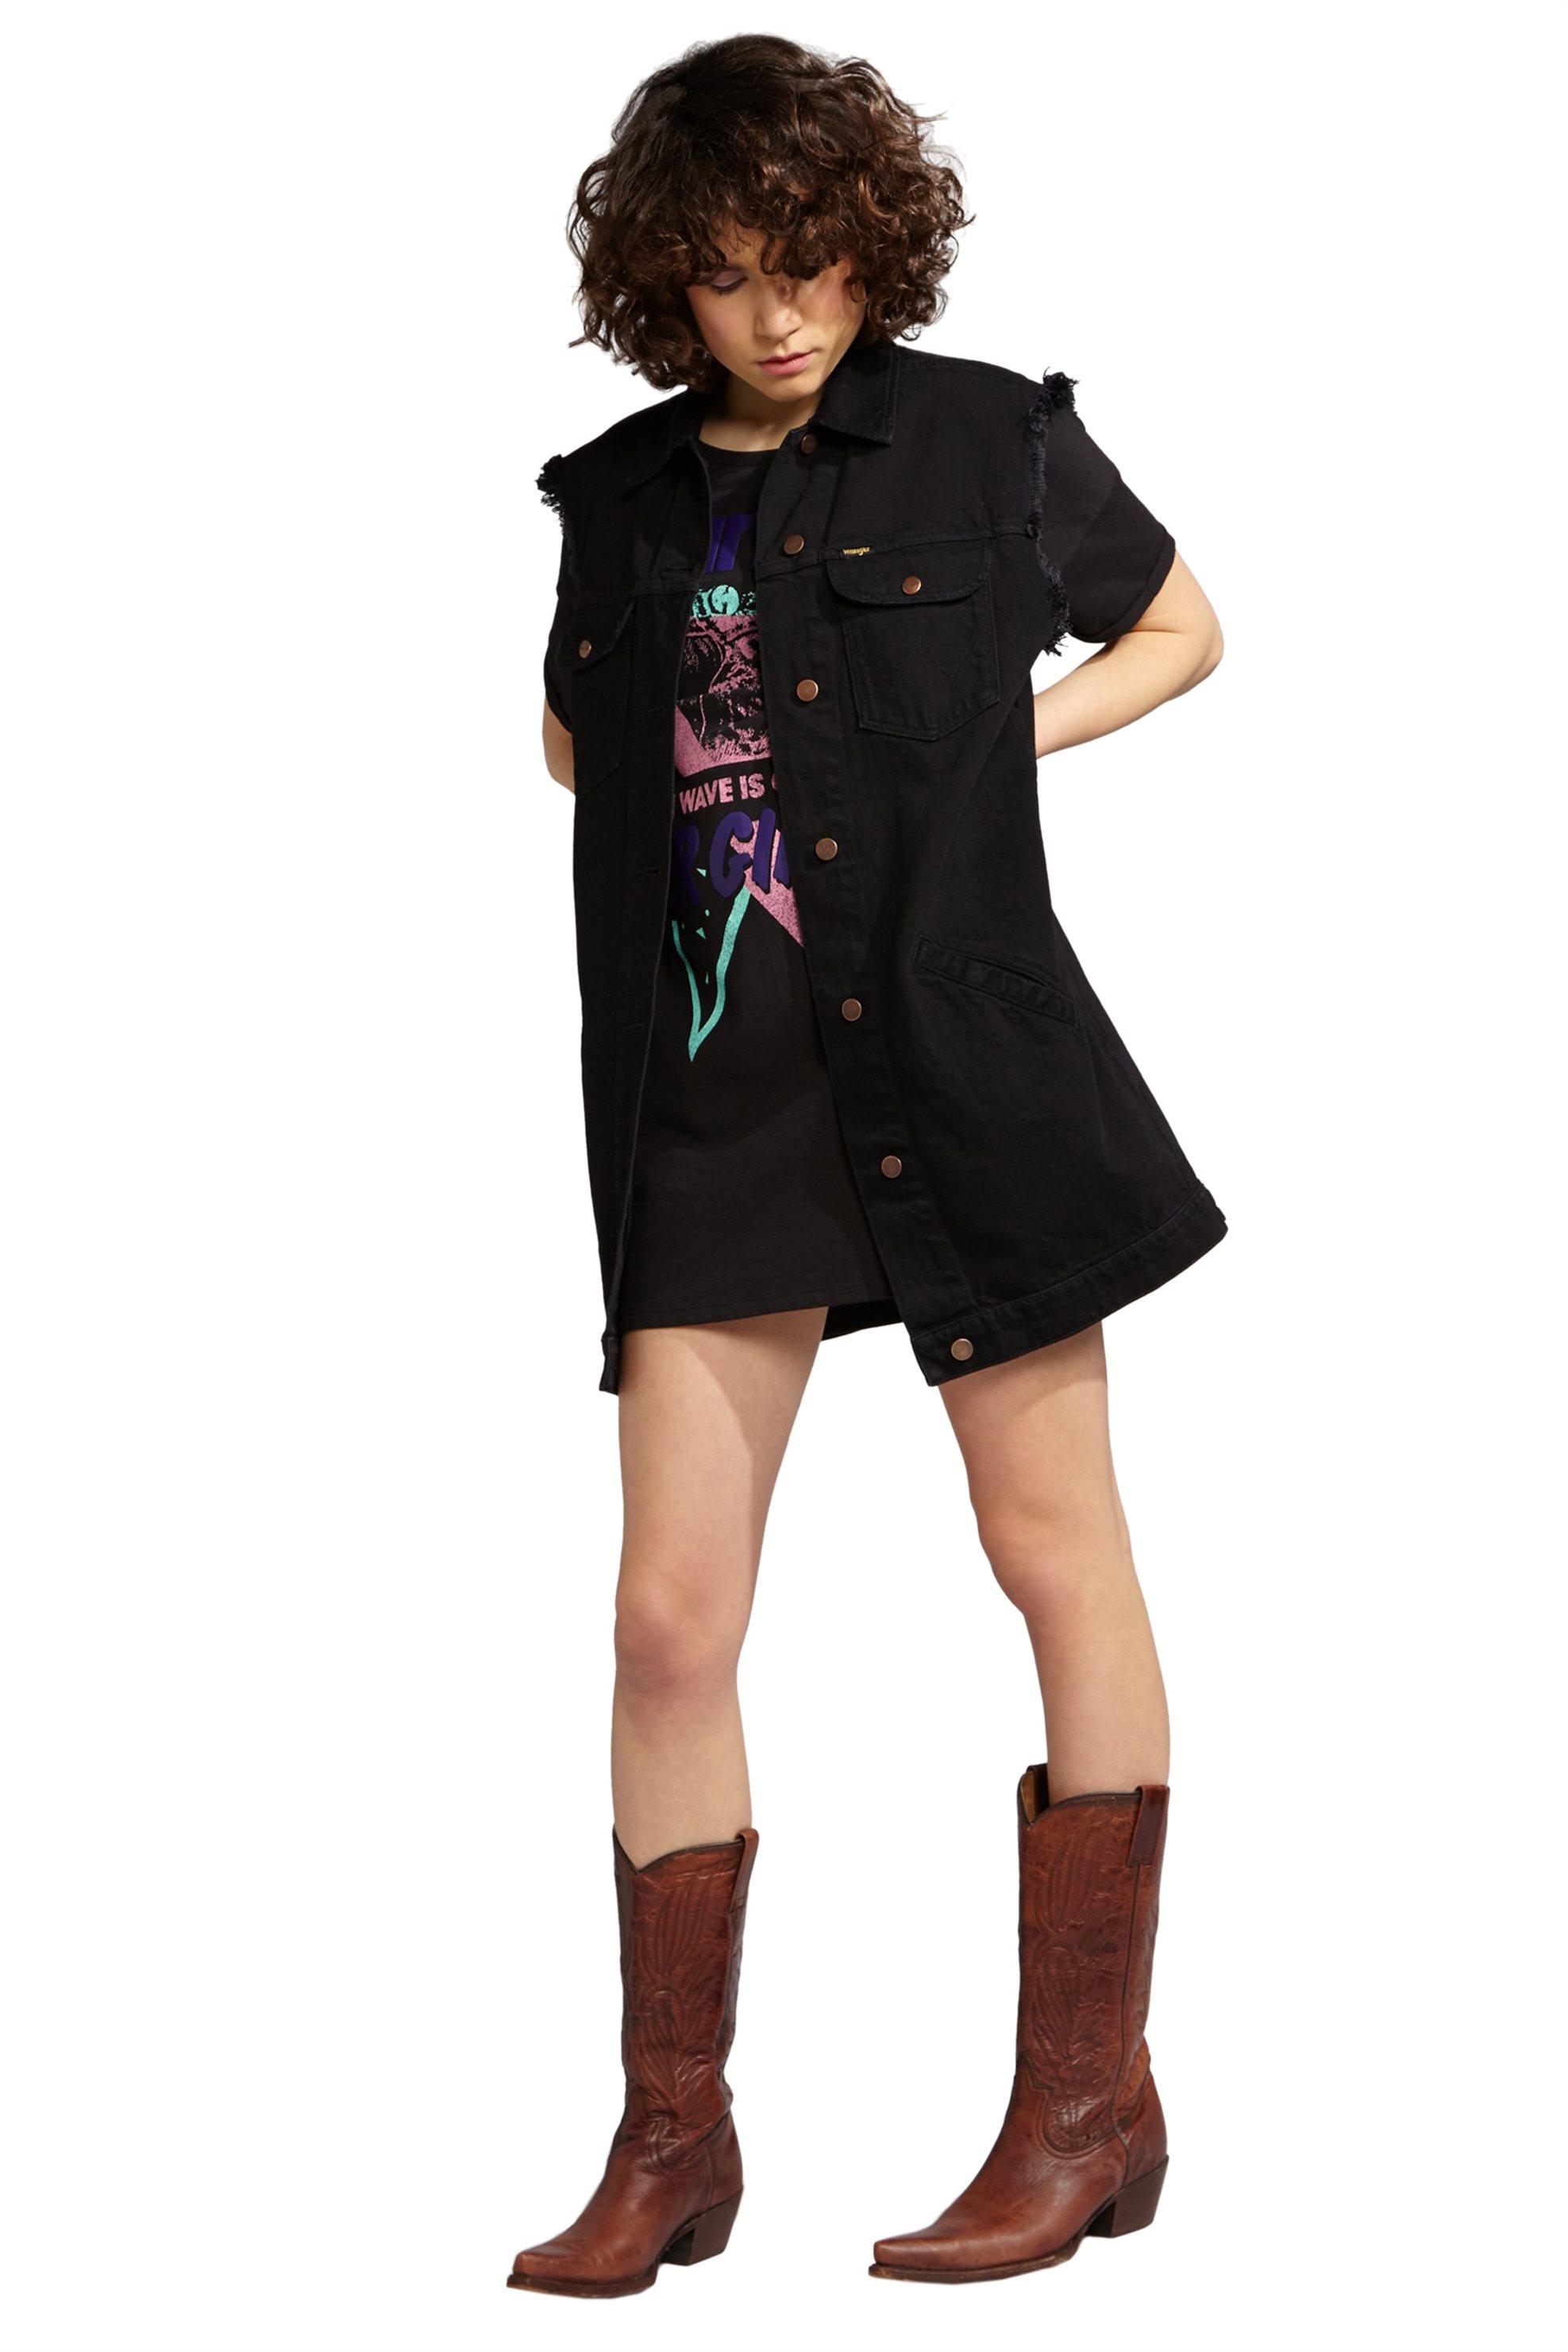 Γυναικείο μακρύ γιλέκο Long Vest Wrangler - W418RJ24Q - Μαύρο γυναικα   ρουχα   πανωφόρια   αμάνικα μπουφάν   jeans